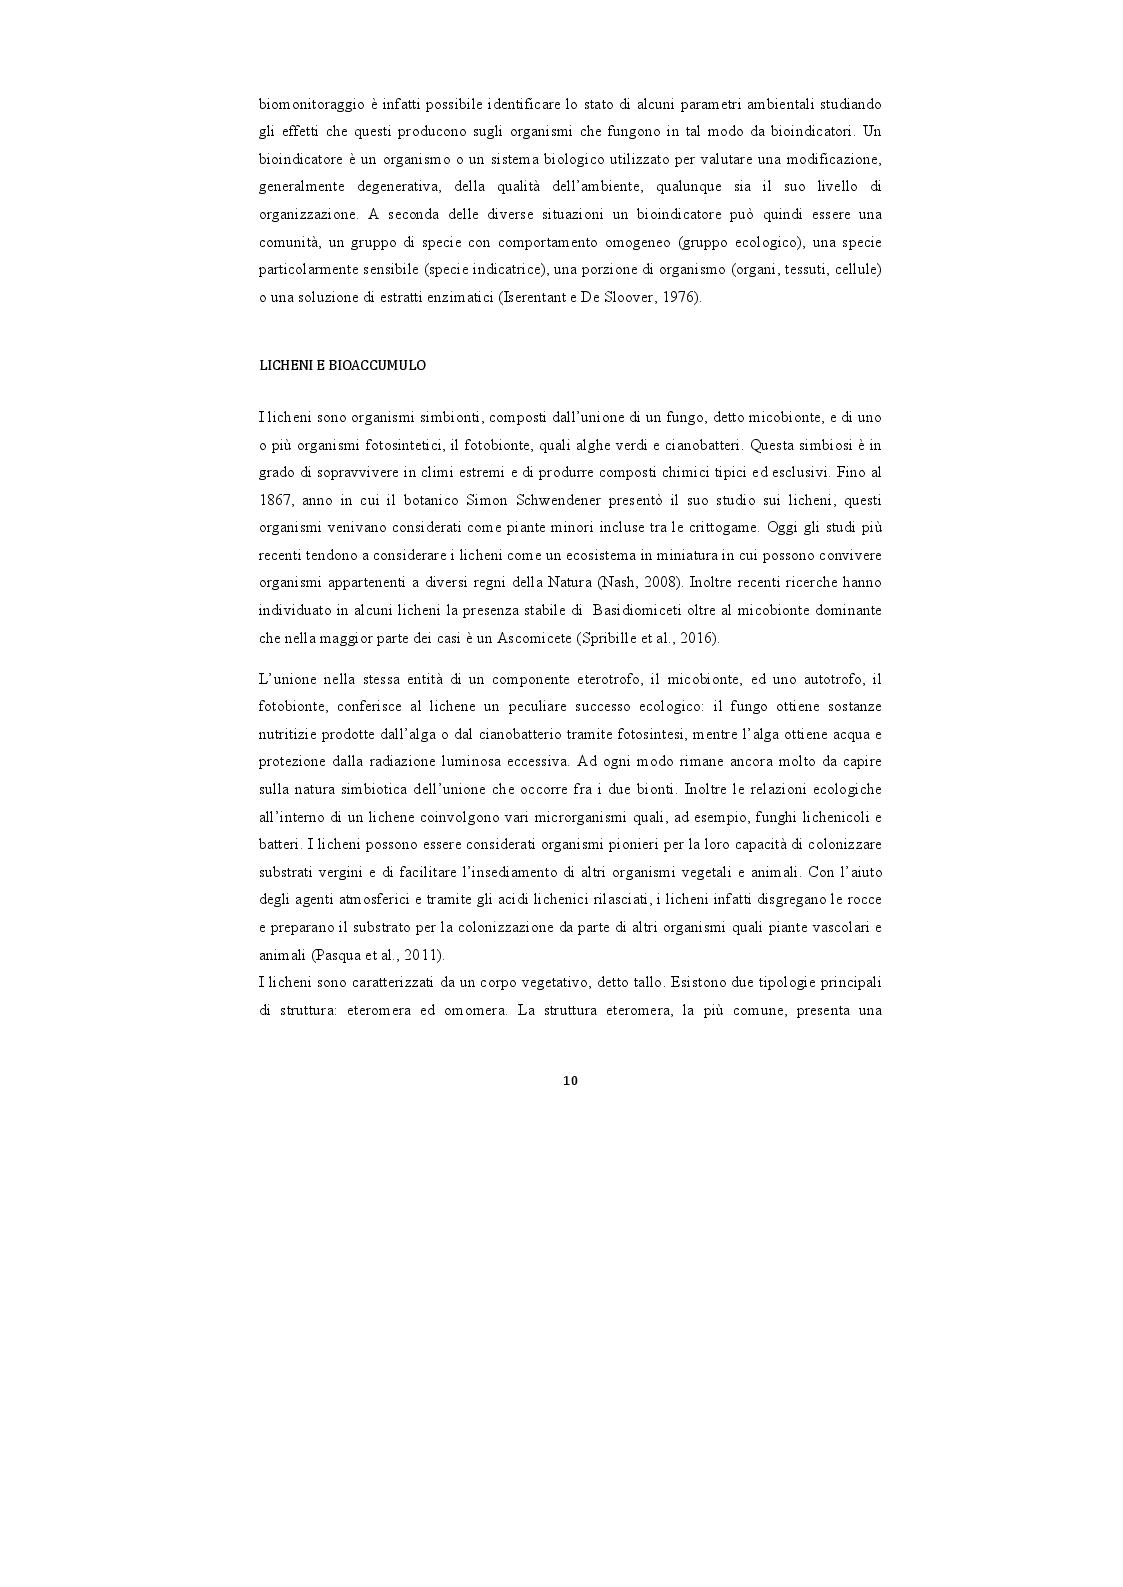 Anteprima della tesi: Analisi di campioni di licheni prelevati nel Parco Nazionale della Majella per la definizione di una baseline di elementi inorganici, Pagina 5